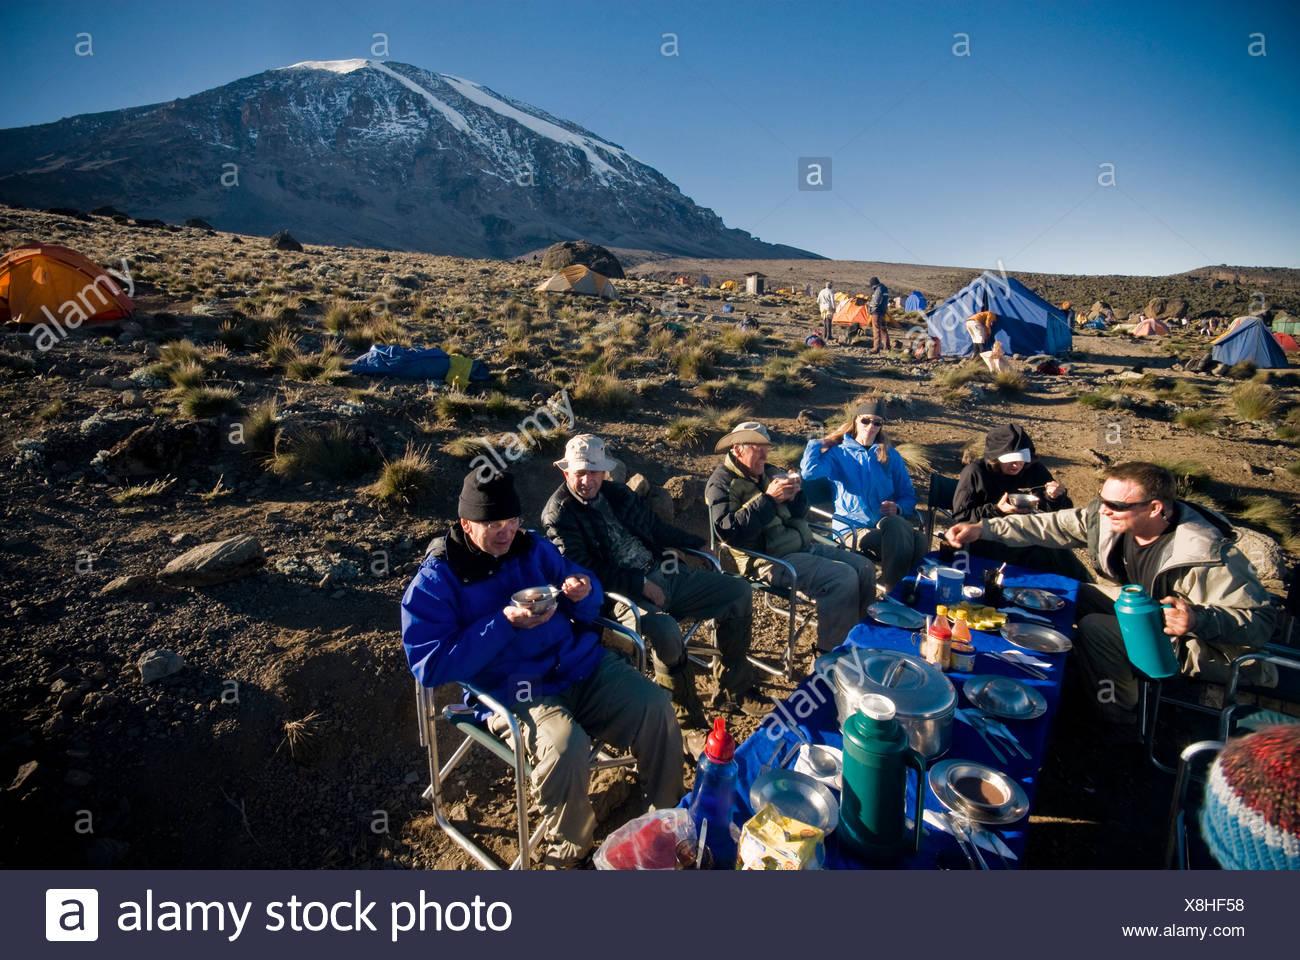 Une équipe de randonneurs ont un bon petit déjeuner au lever du soleil d'environ 1000 ft. En dessous du sommet du Mt. Kilimanjaro. Photo Stock